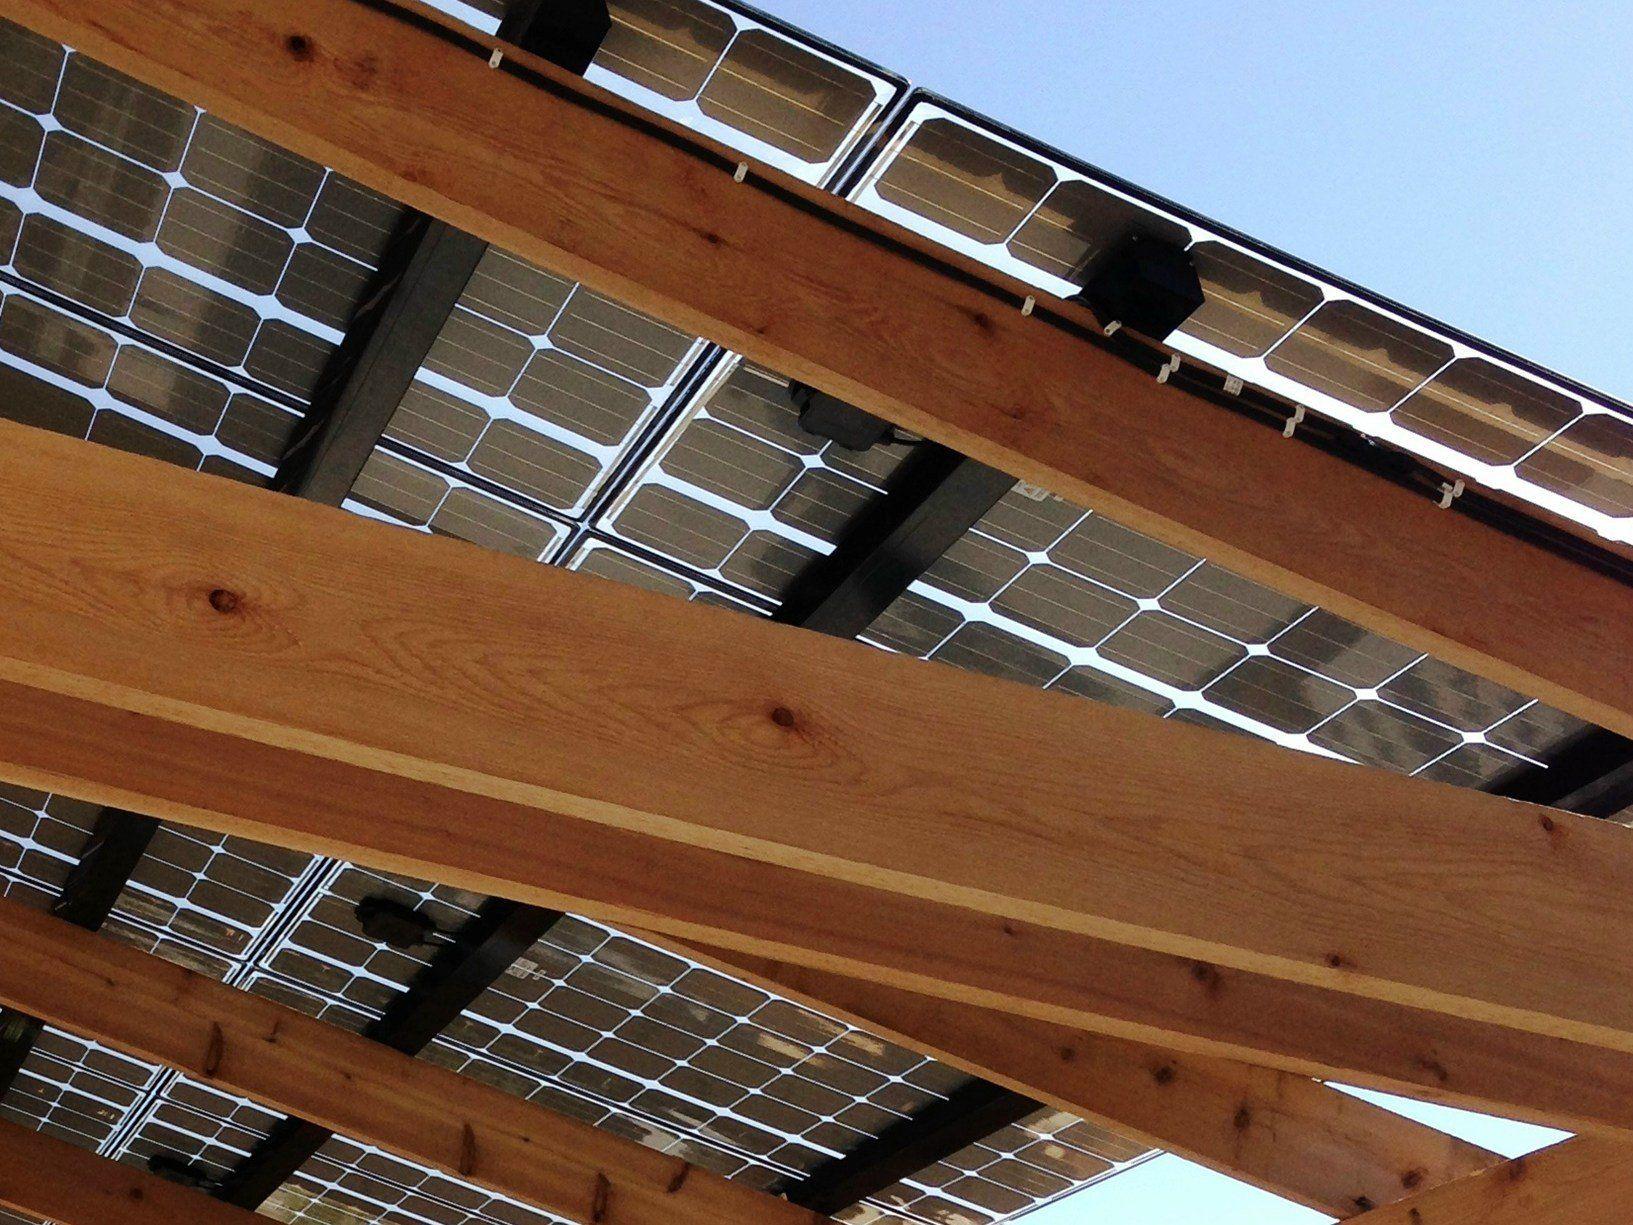 Dimensionamento Pergolato In Legno fotovoltaico sul pergolato, per installarlo basta la cil